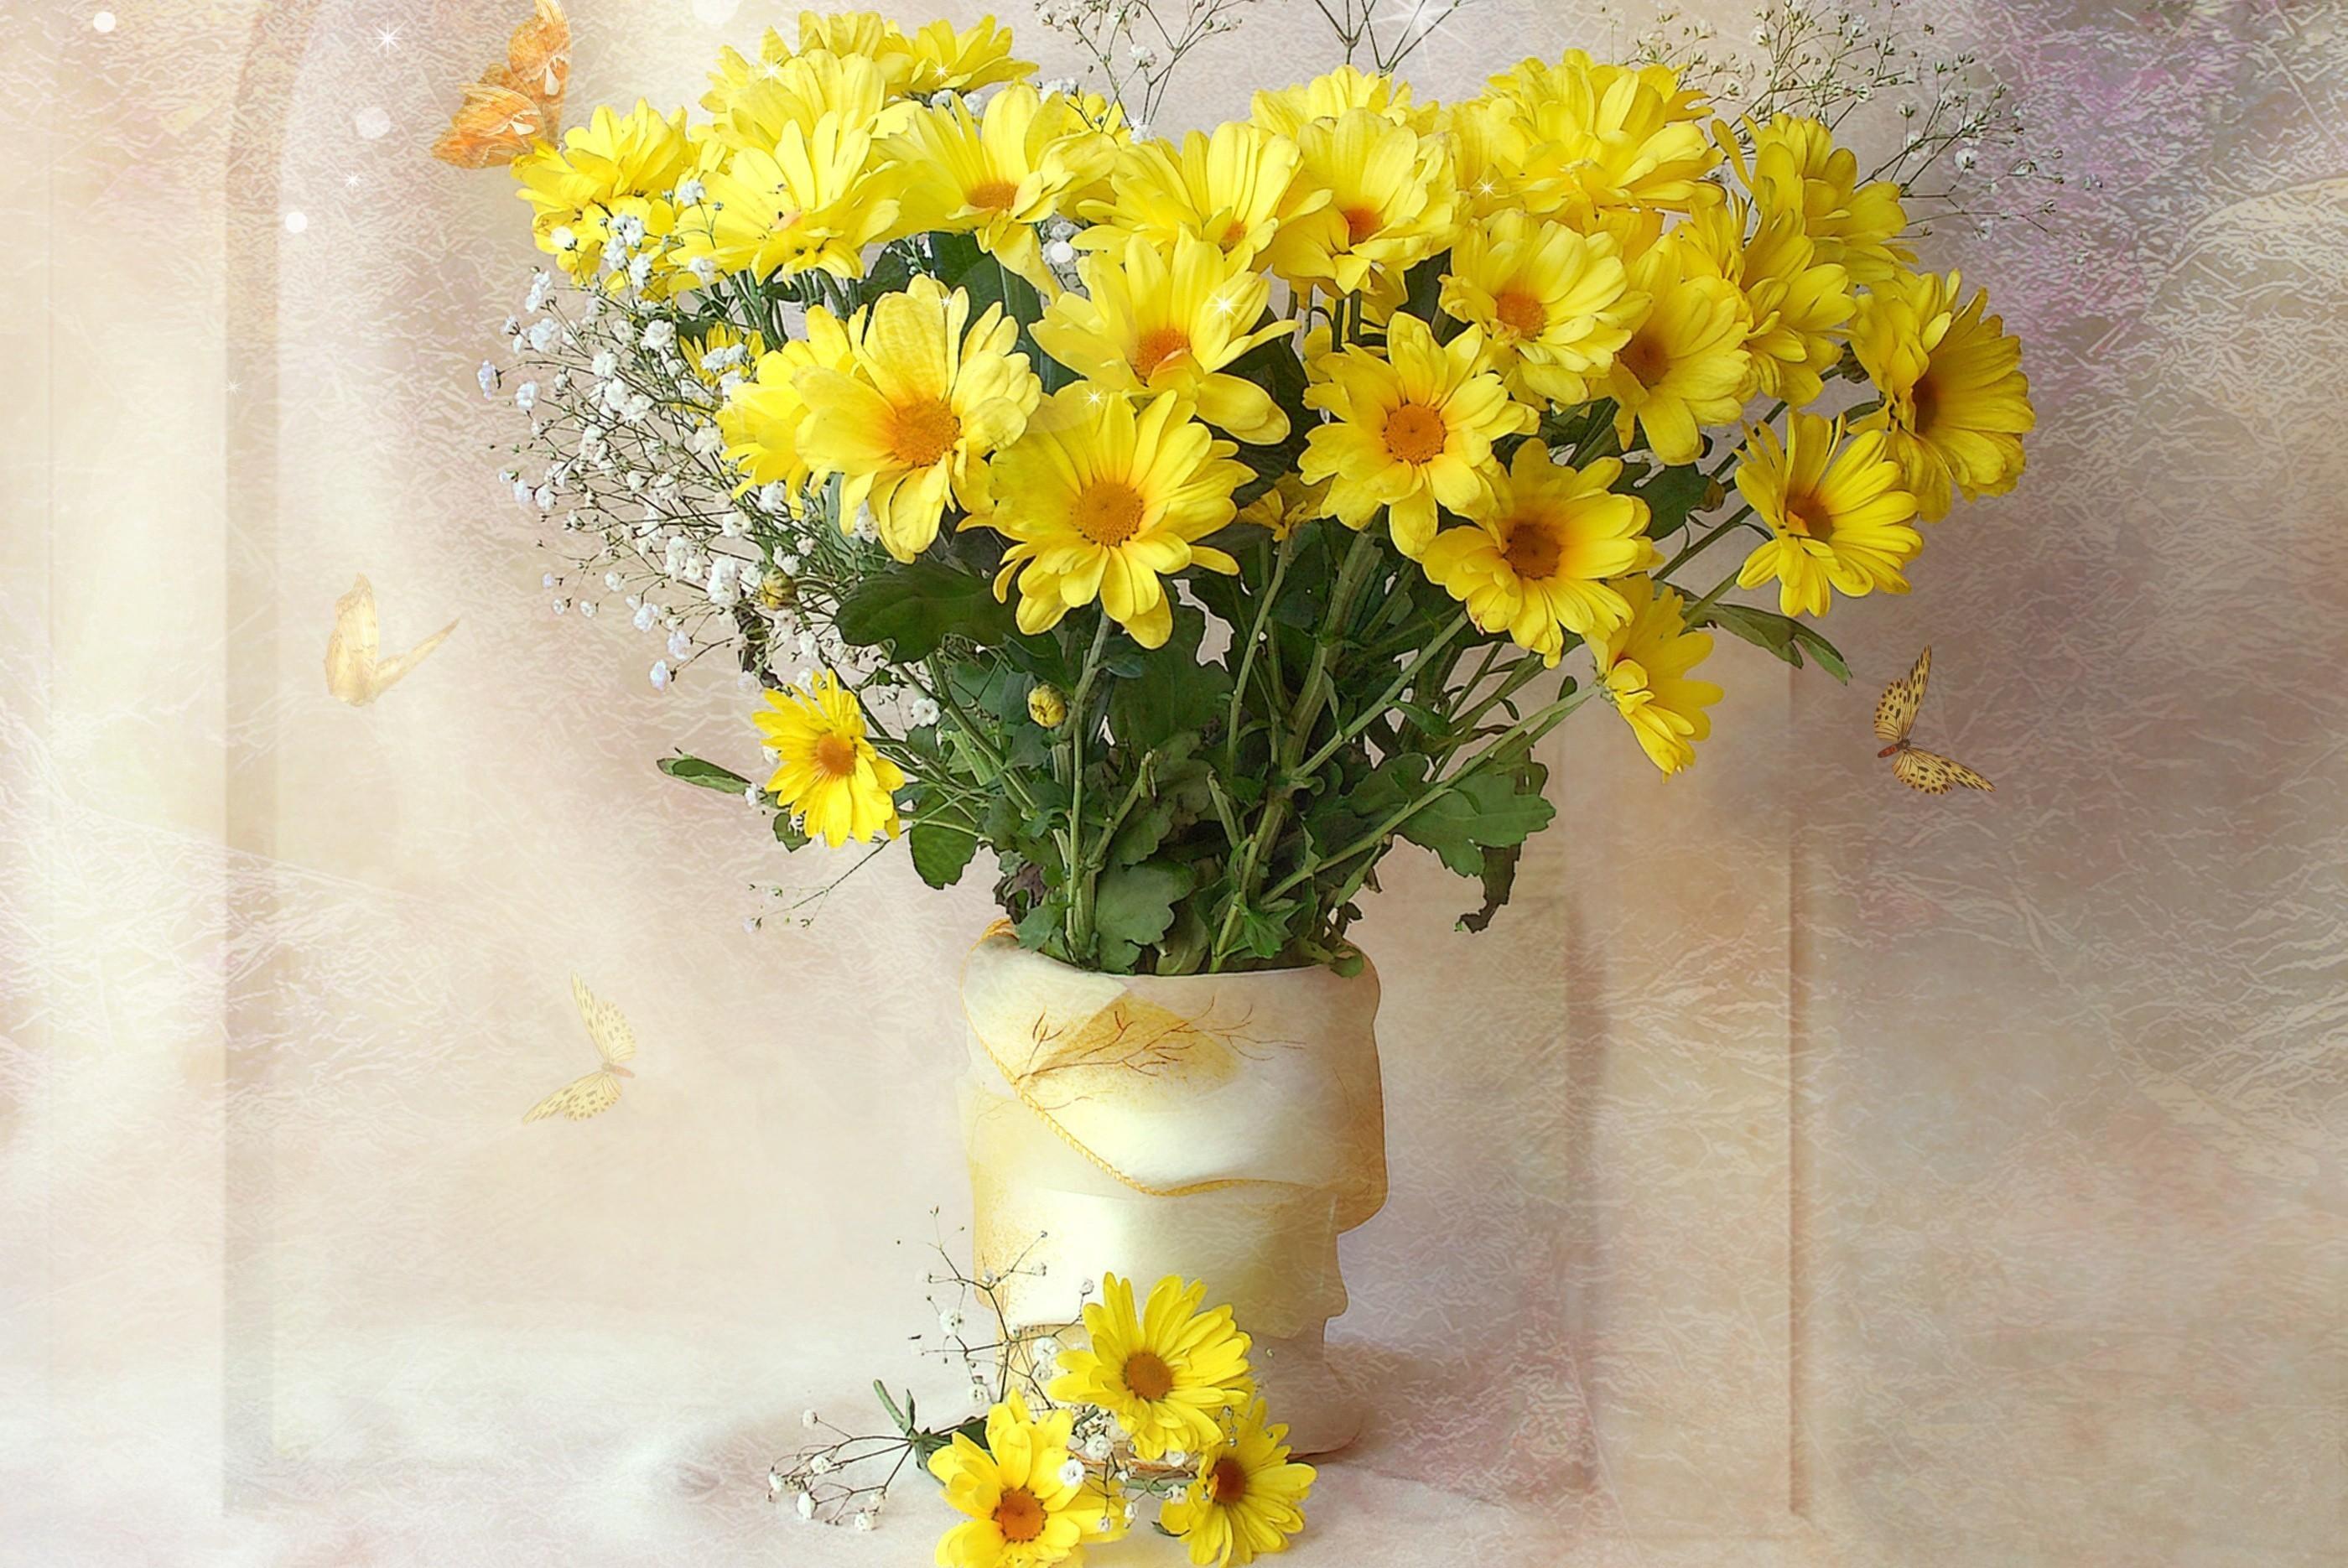 Обои на рабочий стол Цветы хризантемы   подборка (24)